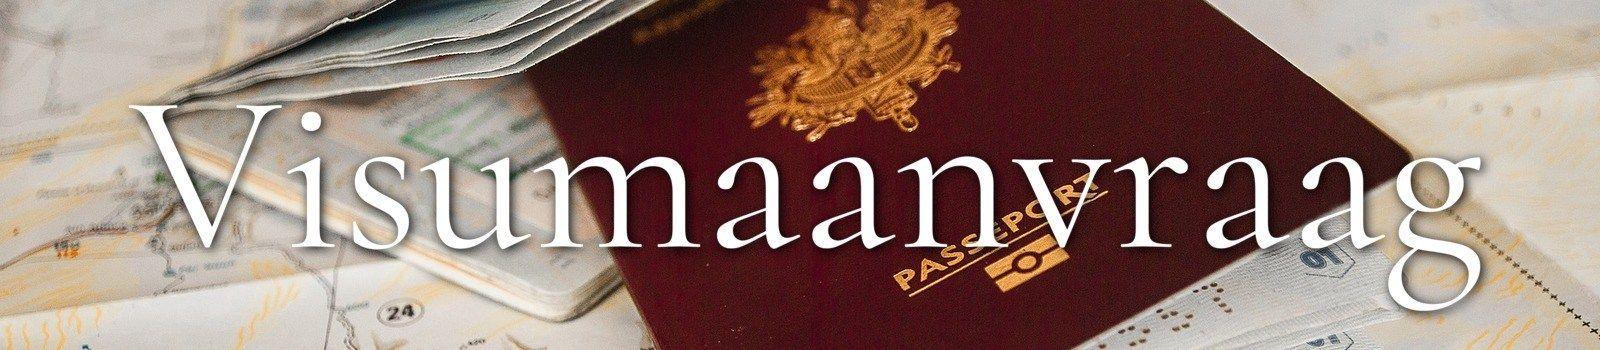 Paspoorten met visumaanvraag